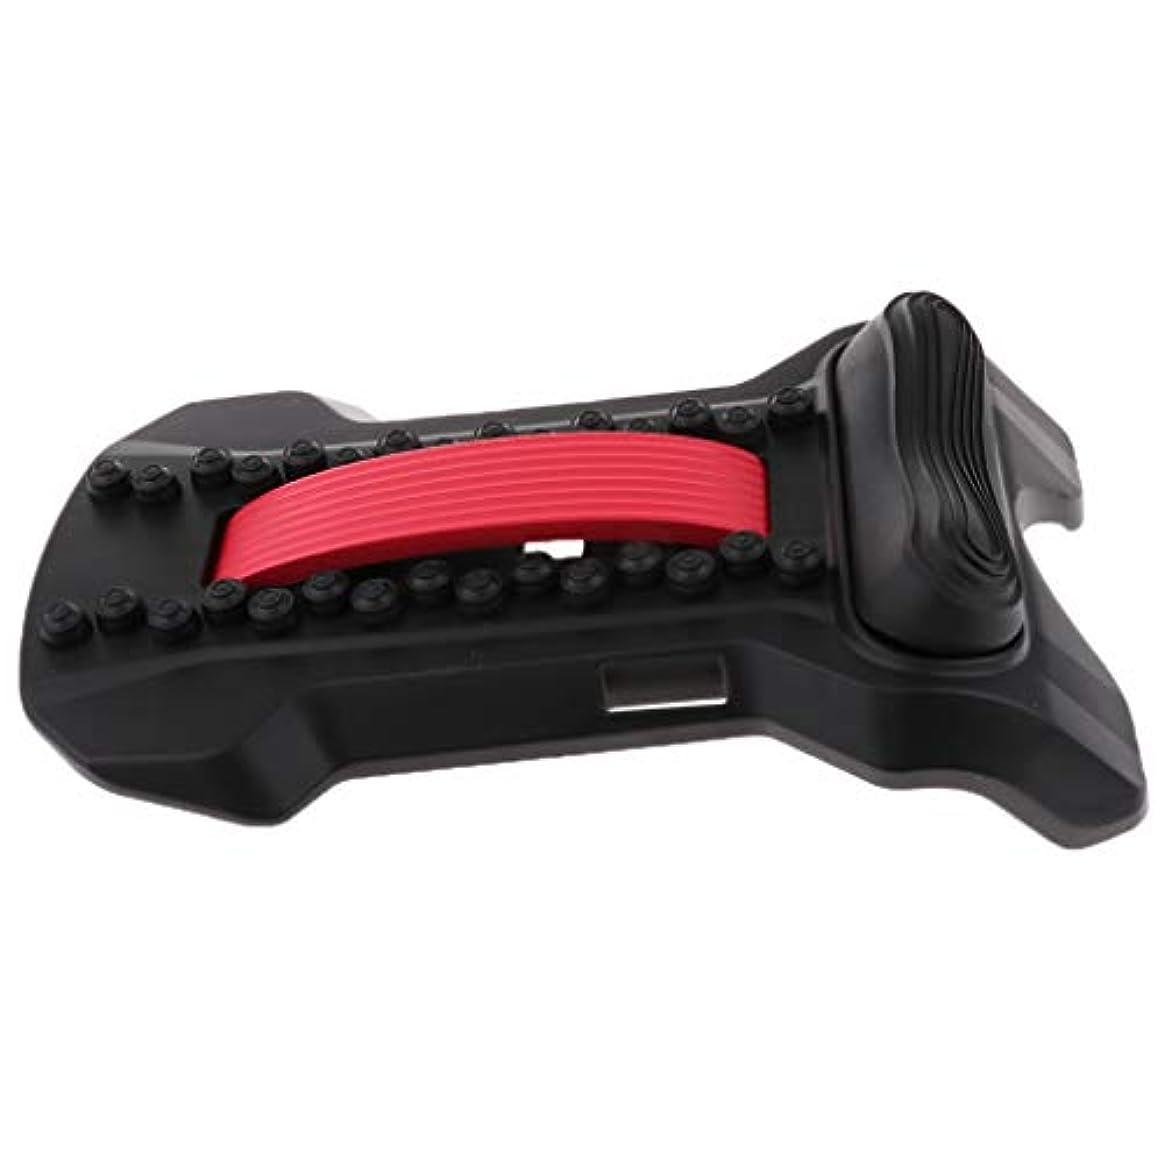 有能な寝室鋭く腰椎サポート バック ストレッチャー 頸椎 ストレッチ マッサージャー ツボ押し 姿勢矯正 全5色 - 黒赤, 22×37×8cm